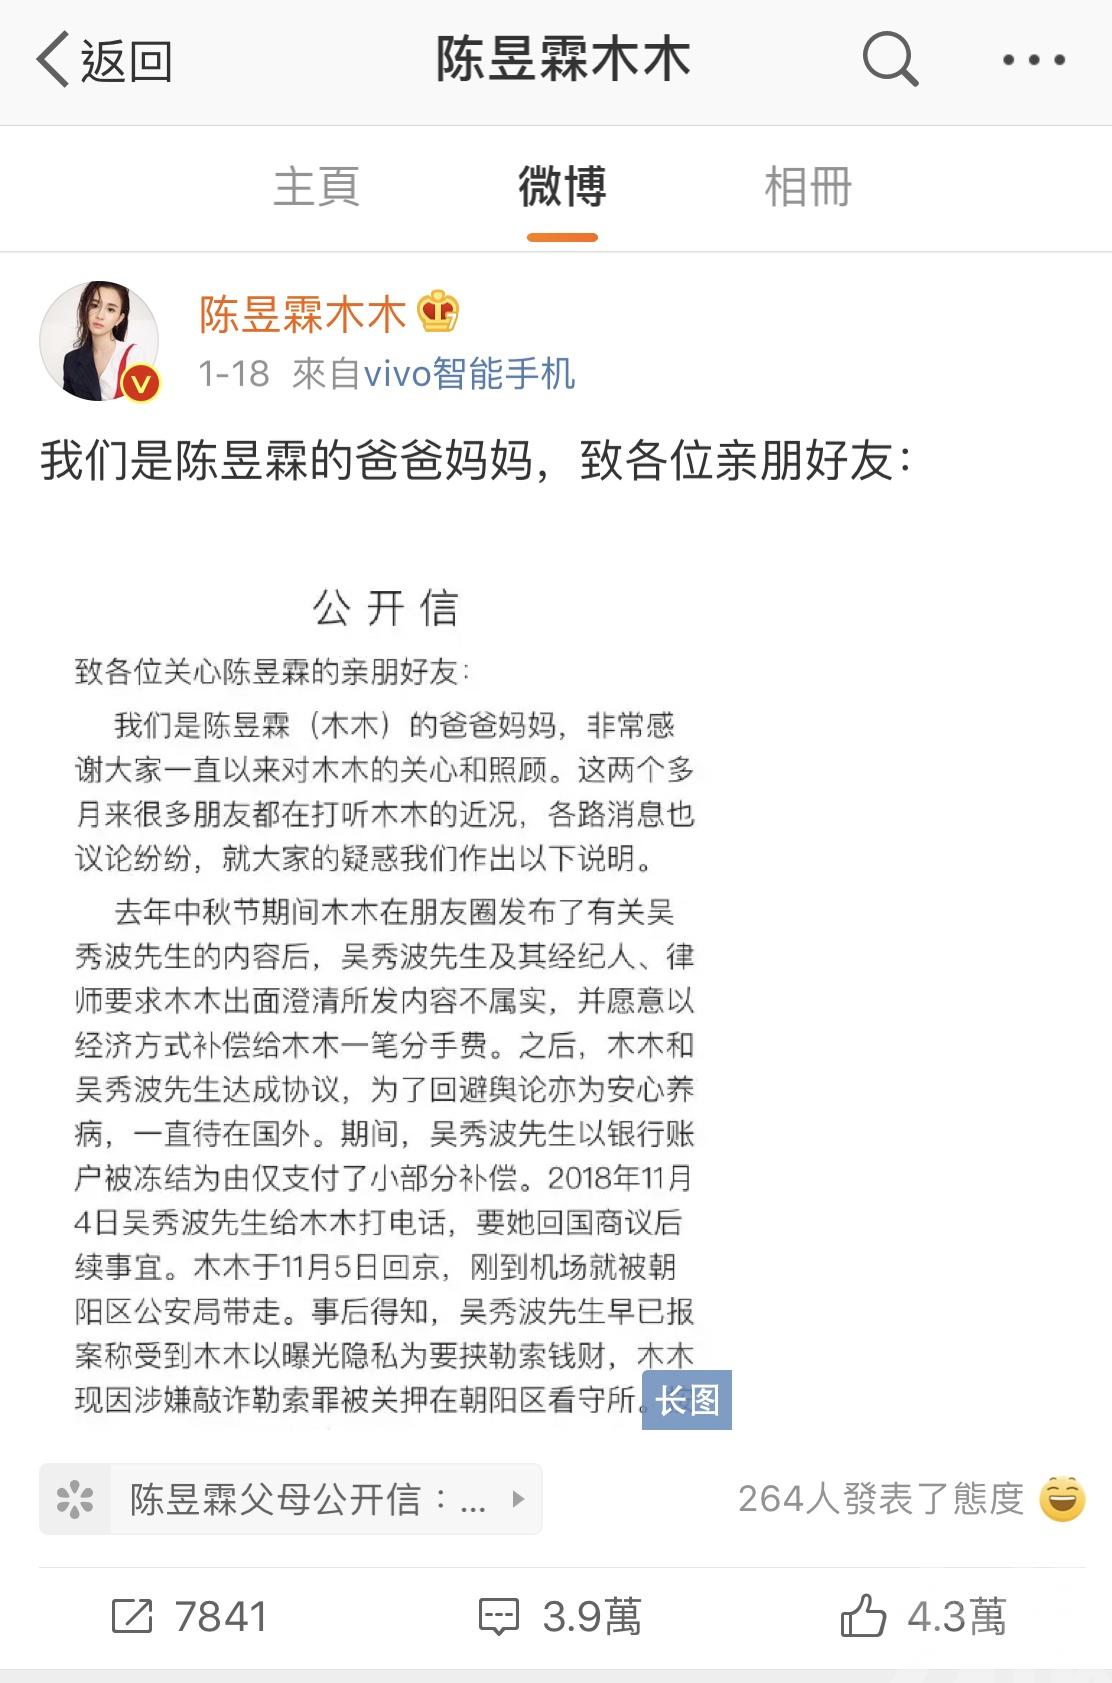 吳秀波「設局」送情婦入獄